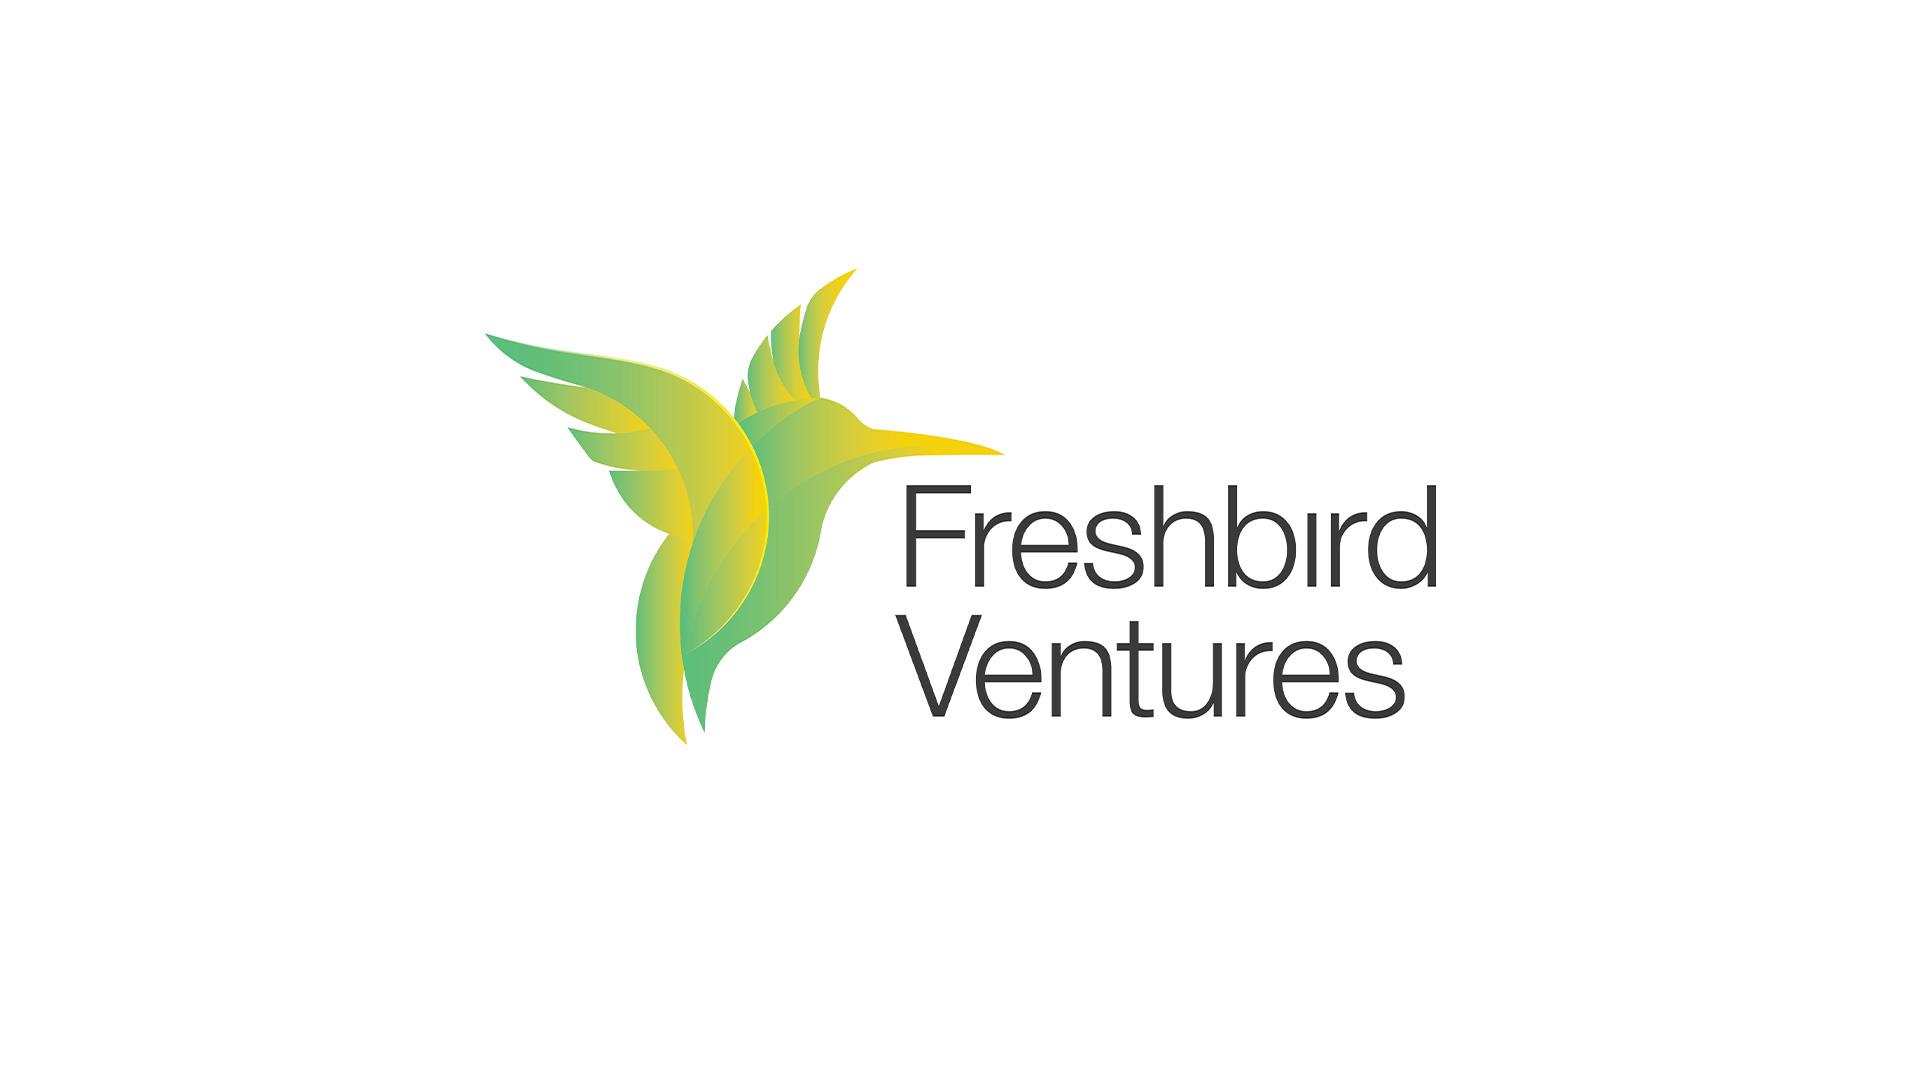 freshbird-ventures_logo